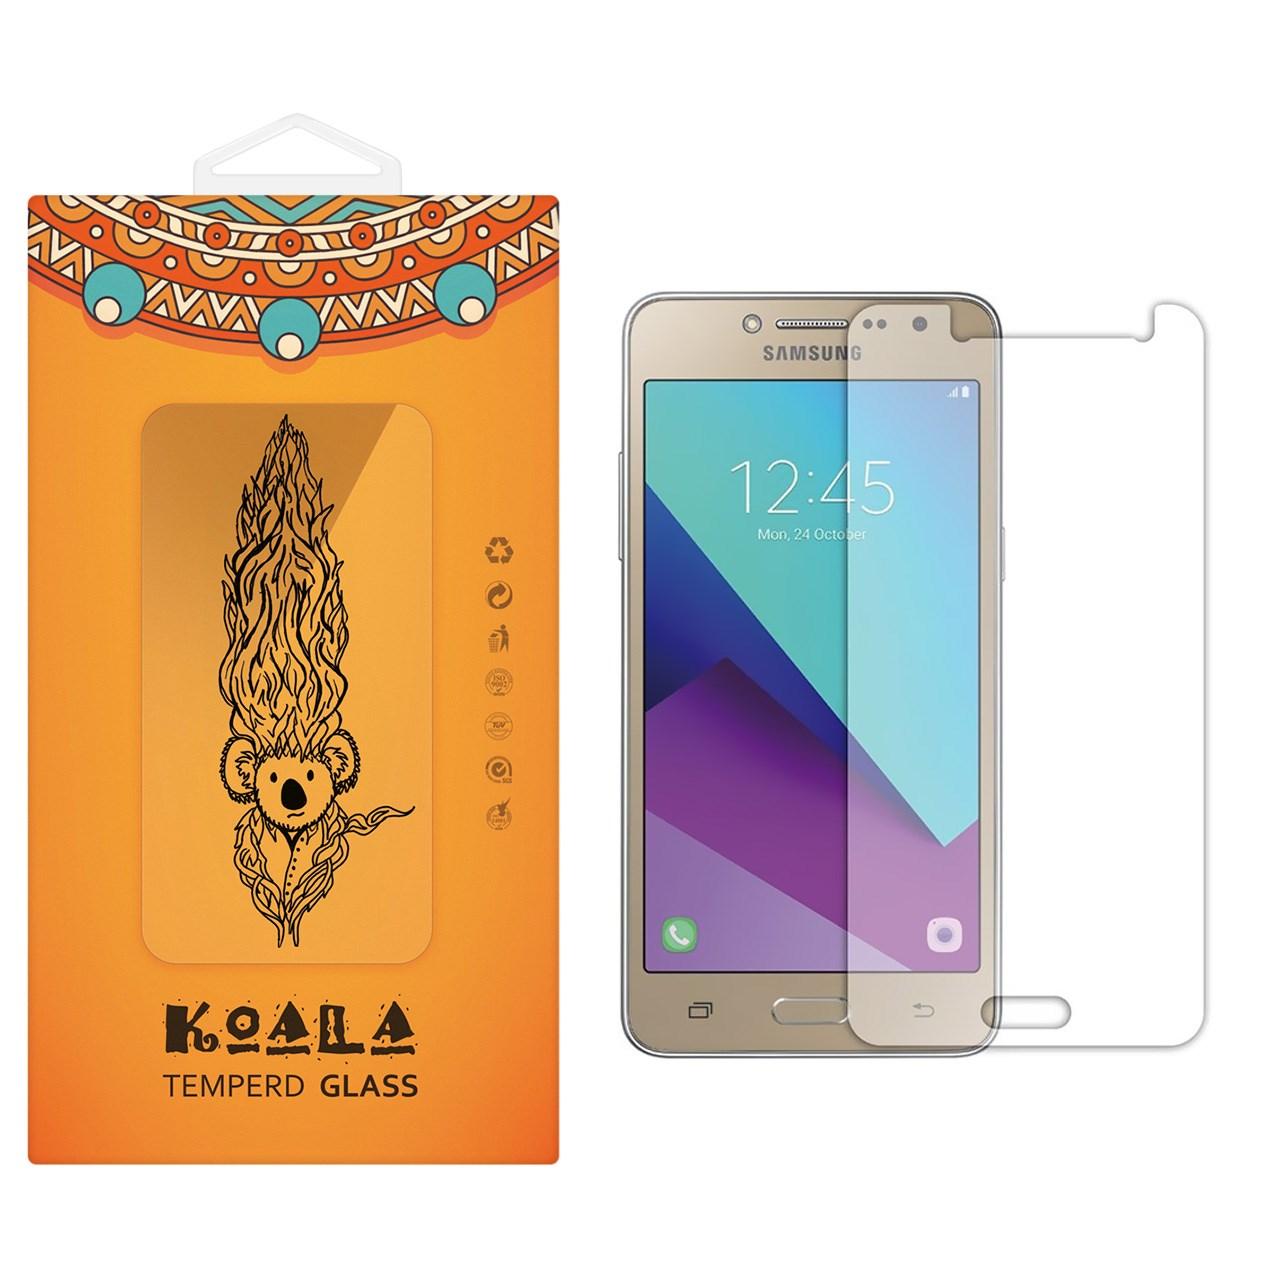 محافظ صفحه نمایش شیشه ای کوالا مدل Tempered مناسب برای گوشی موبایل سامسونگ Galaxy Grand Prime Plus              ( قیمت و خرید)